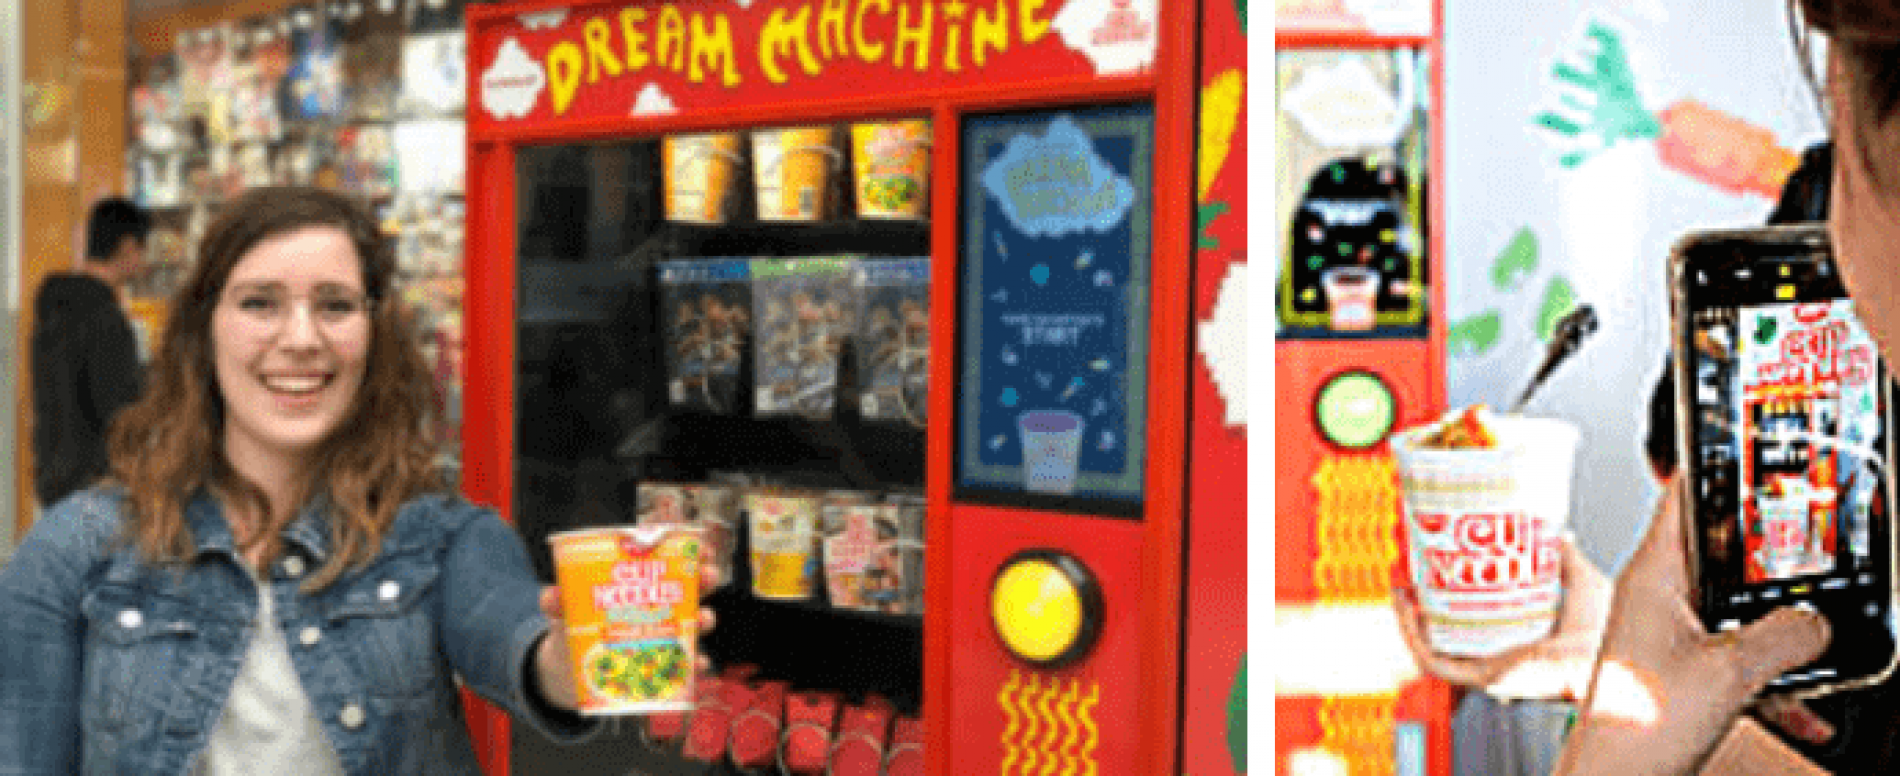 La vending machine che accetta i post di Instagram come valuta